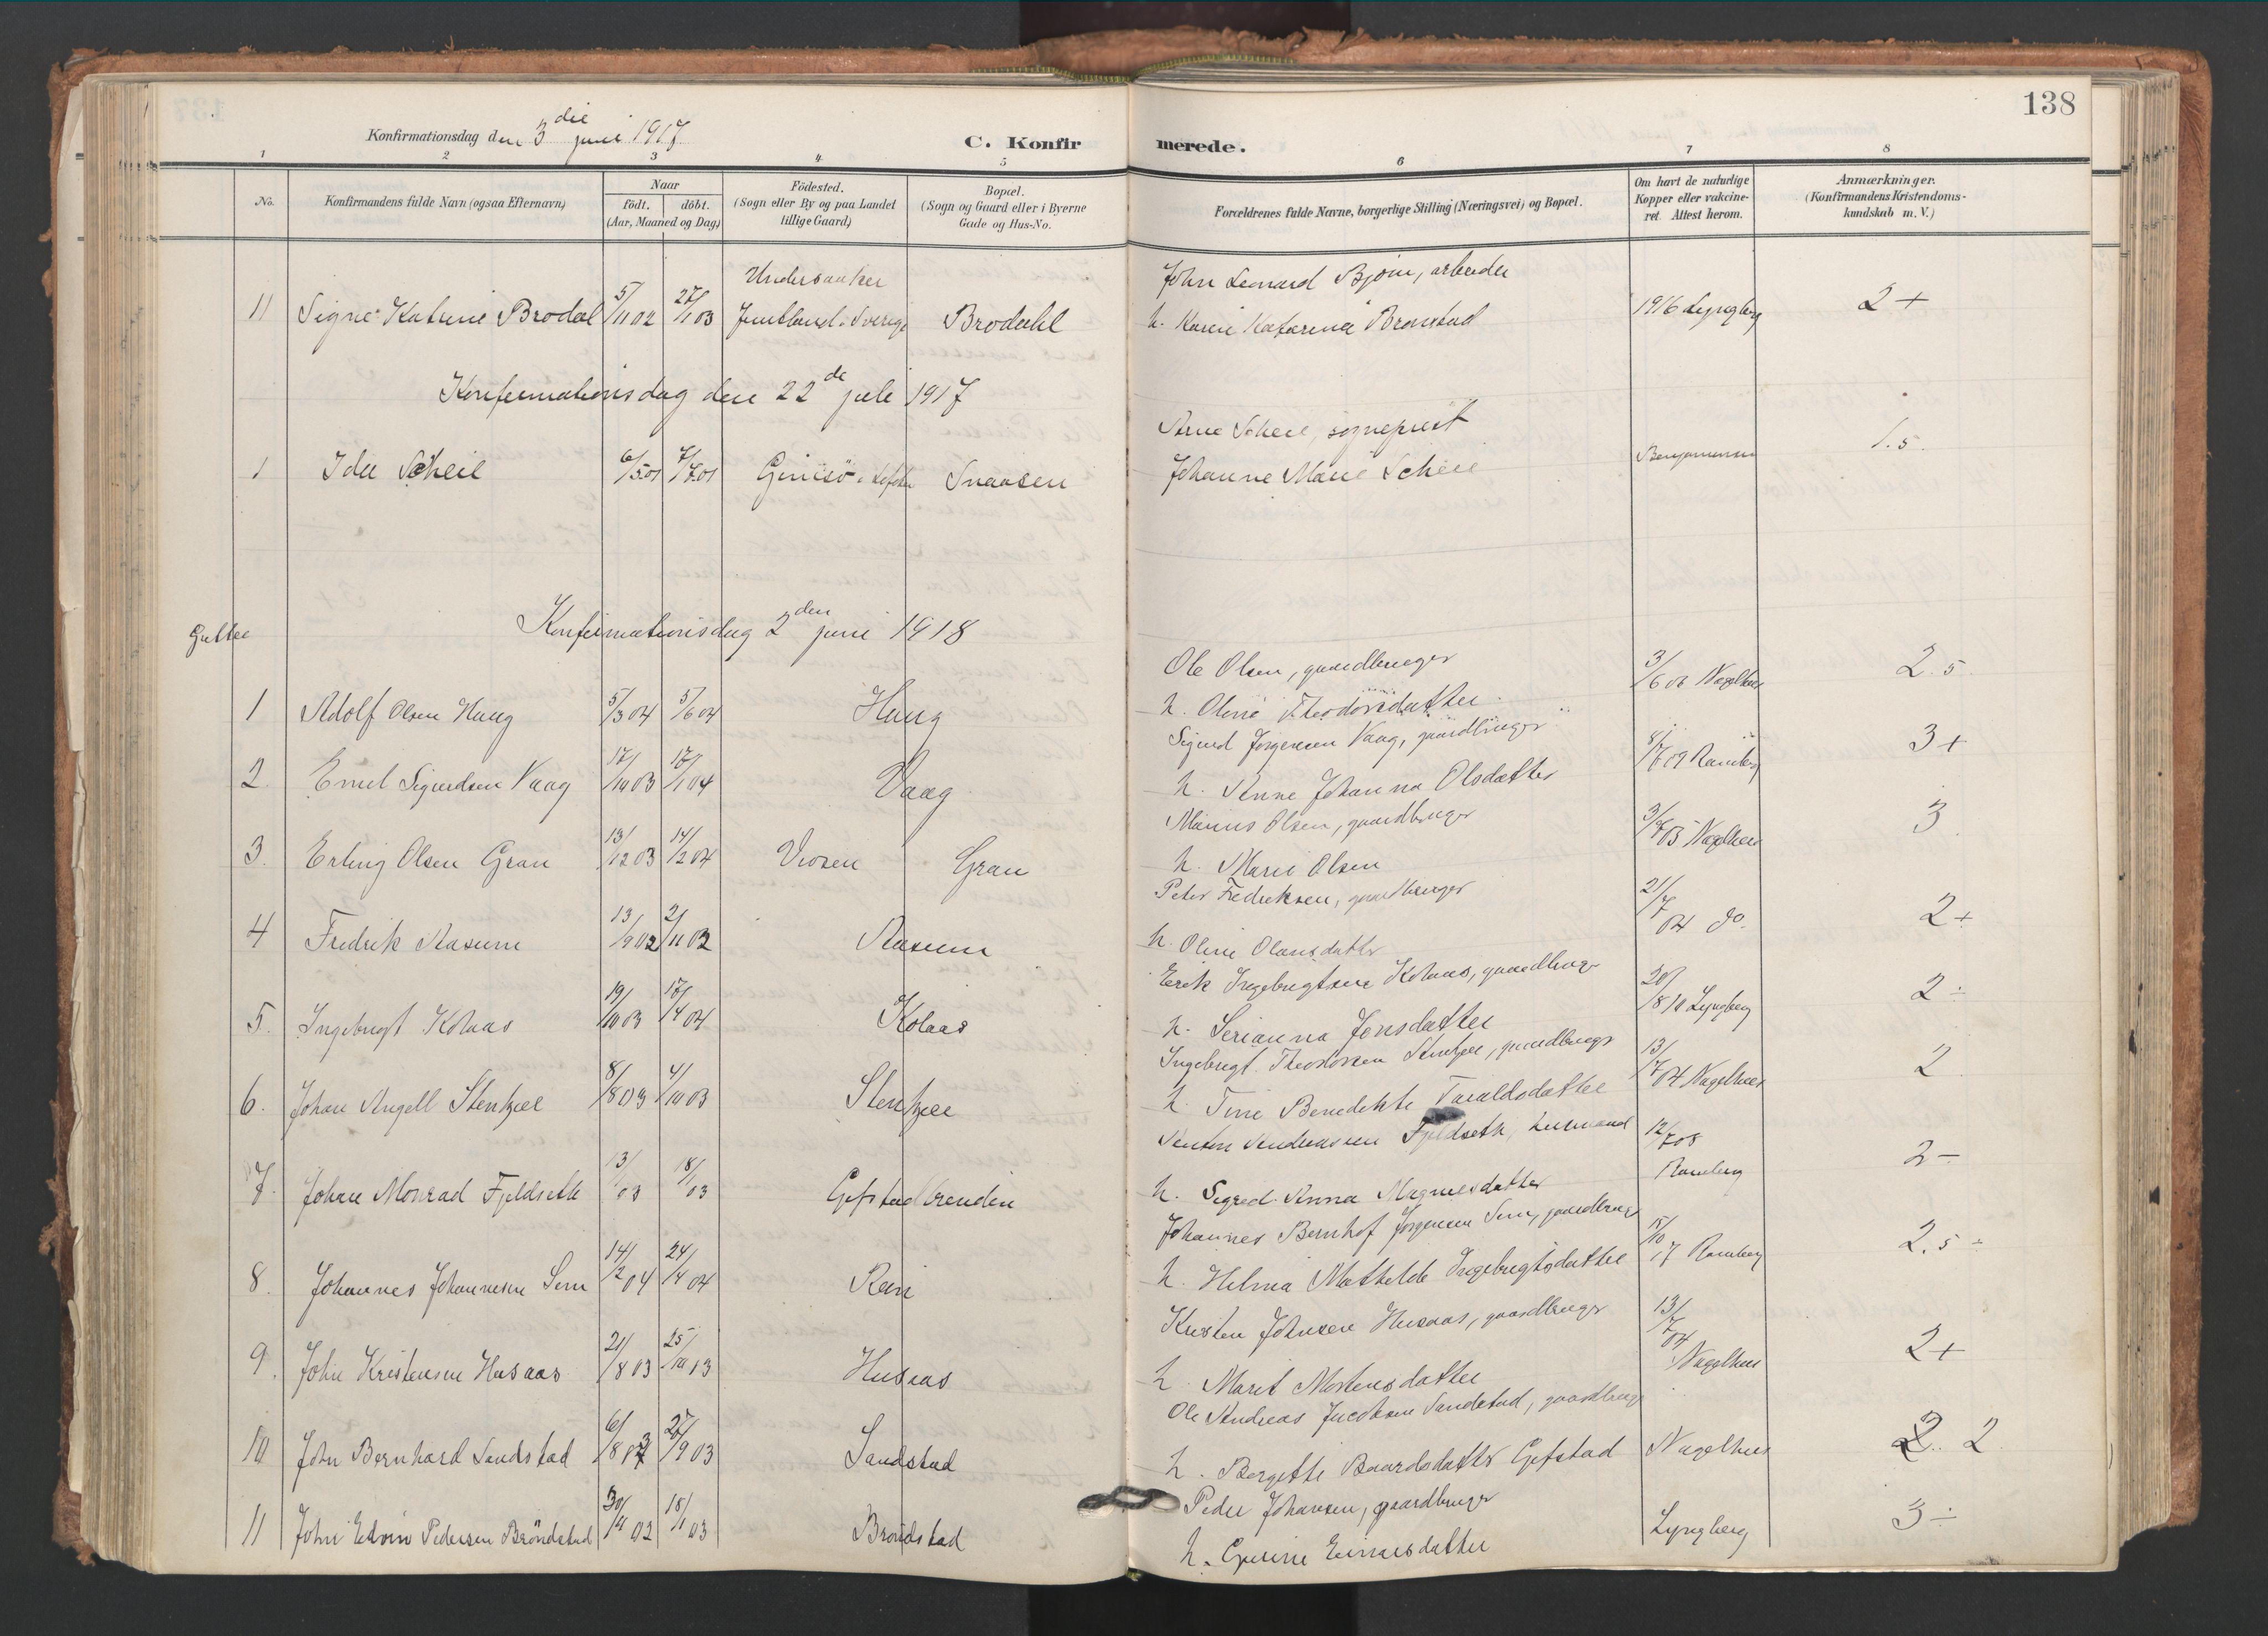 SAT, Ministerialprotokoller, klokkerbøker og fødselsregistre - Nord-Trøndelag, 749/L0477: Ministerialbok nr. 749A11, 1902-1927, s. 138